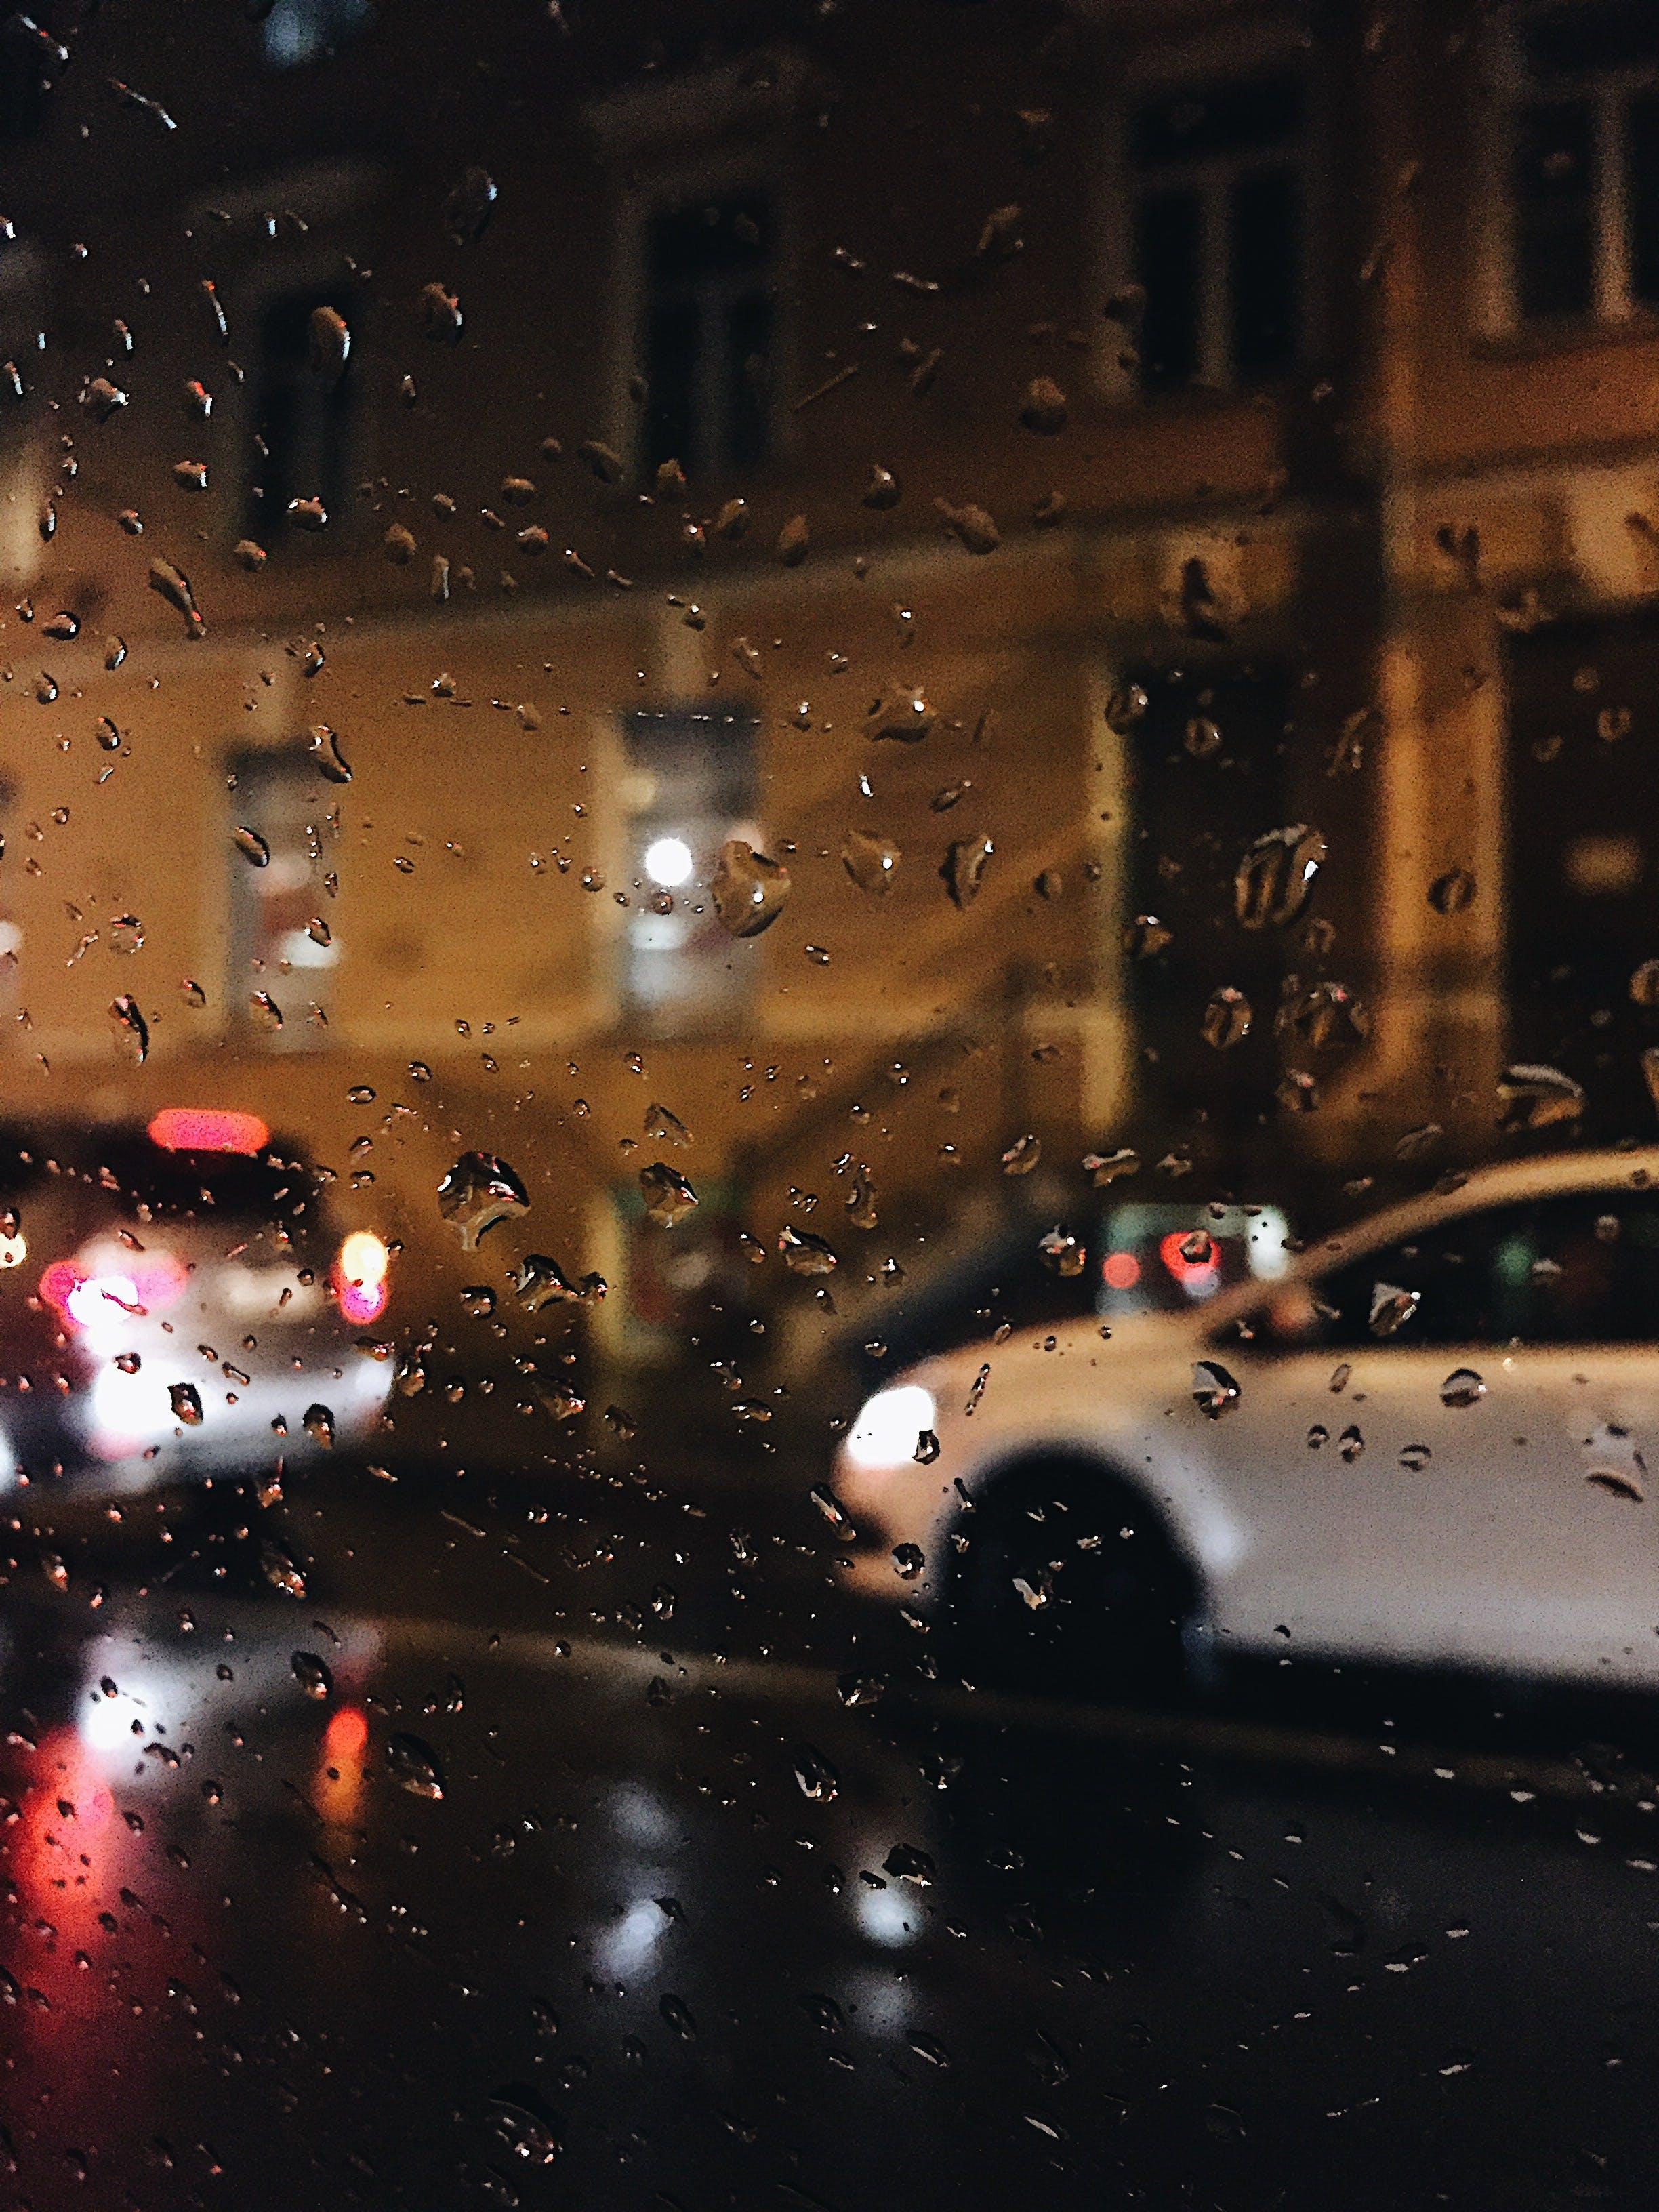 Kostenloses Stock Foto zu abend, autos, beleuchtet, beleuchtung